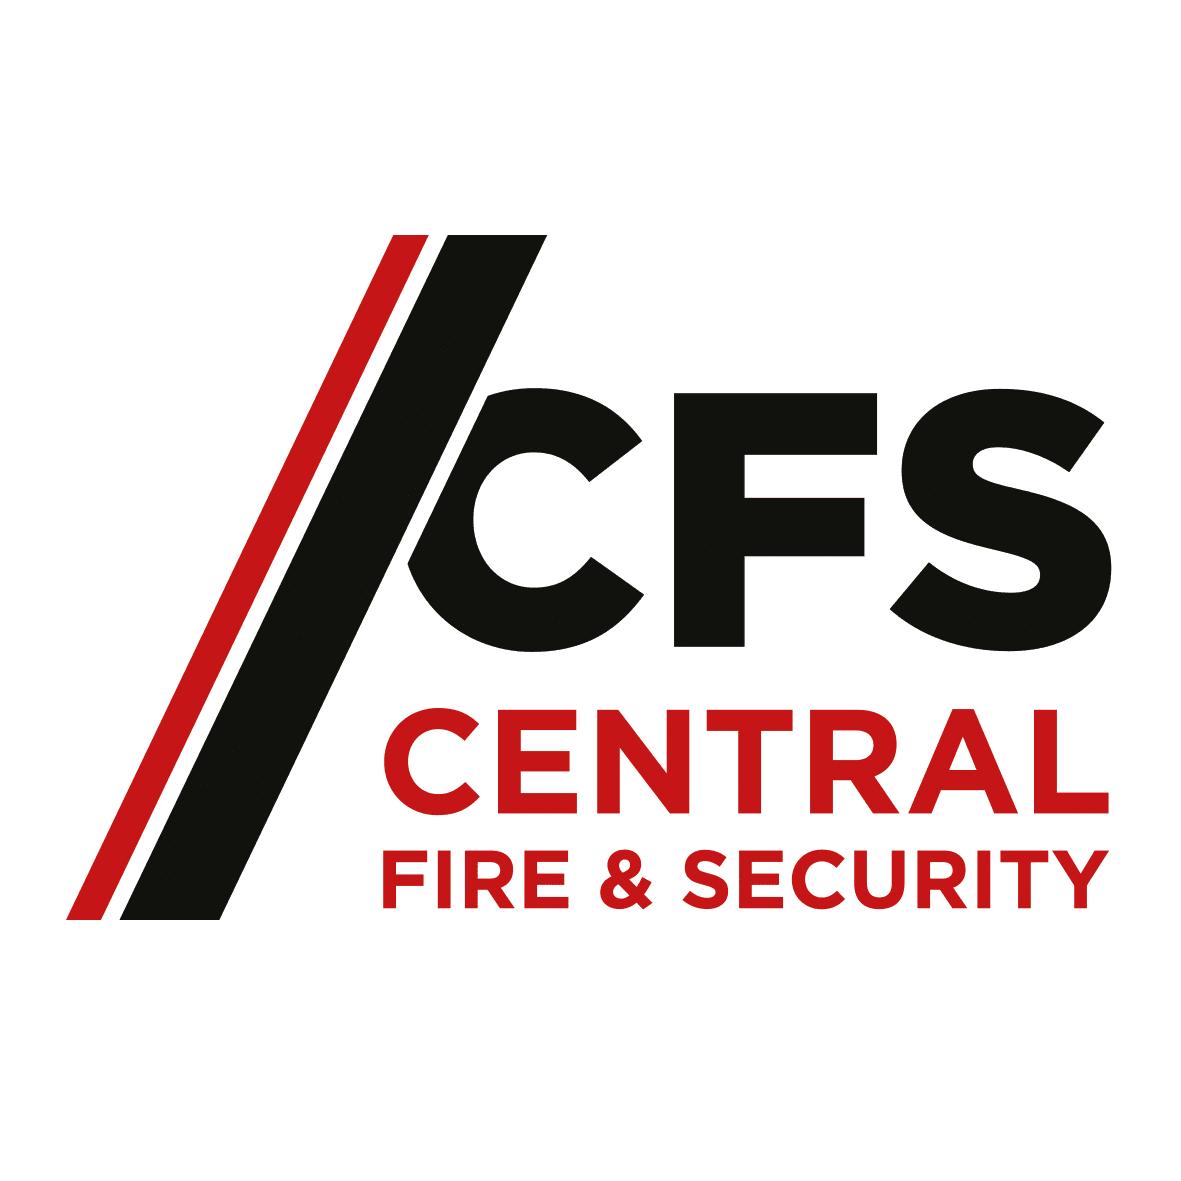 Central Fire & Security - Glasgow, Dunbartonshire G13 1EU - 01415 301244 | ShowMeLocal.com